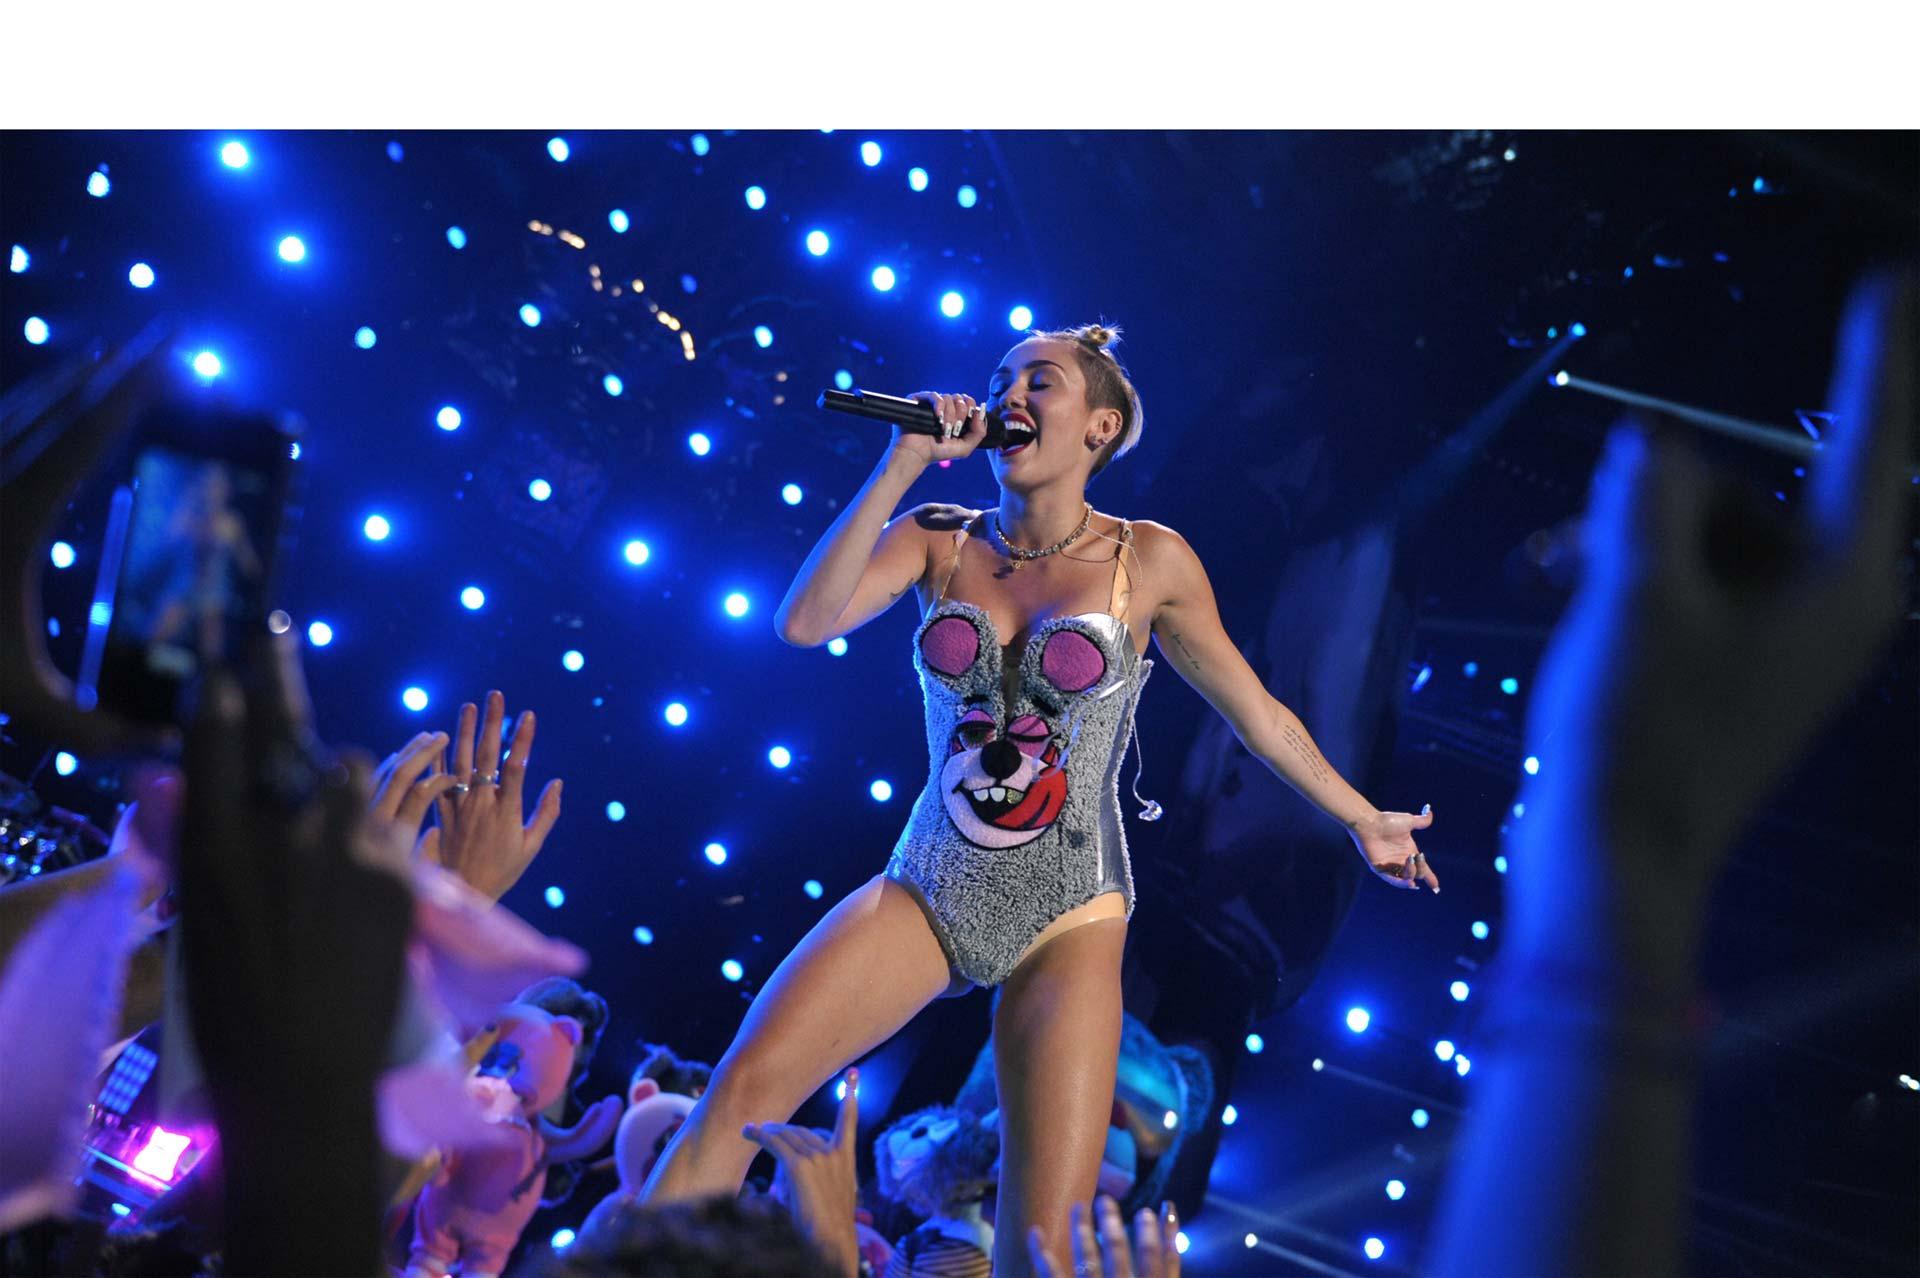 La cantante conducirá los MTV Video Music Awards